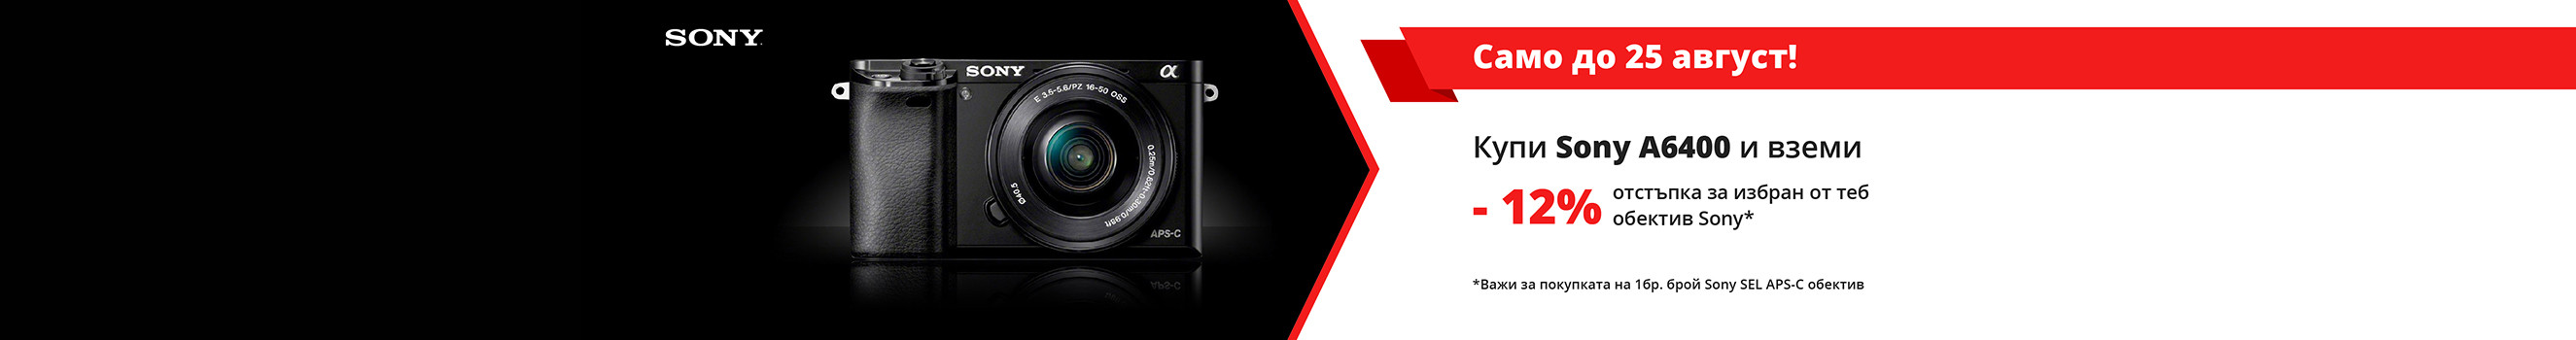 Обективи Sony с 12% отстъпка при покупка с фотоапарат Sony A6400